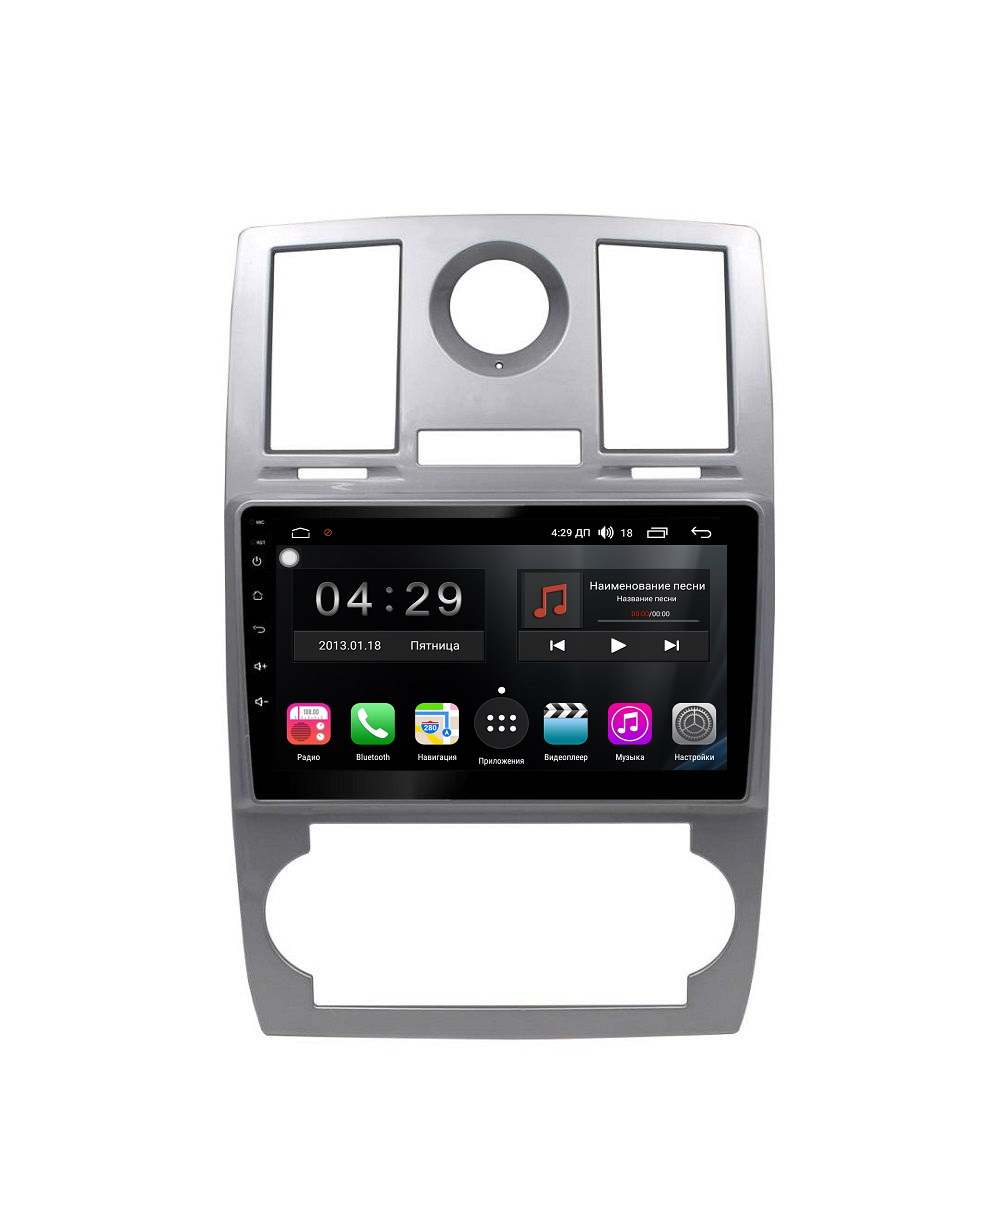 Штатная магнитола FarCar s300 для Chrysler 300CC на Android (RL206R) (+ Камера заднего вида в подарок!)